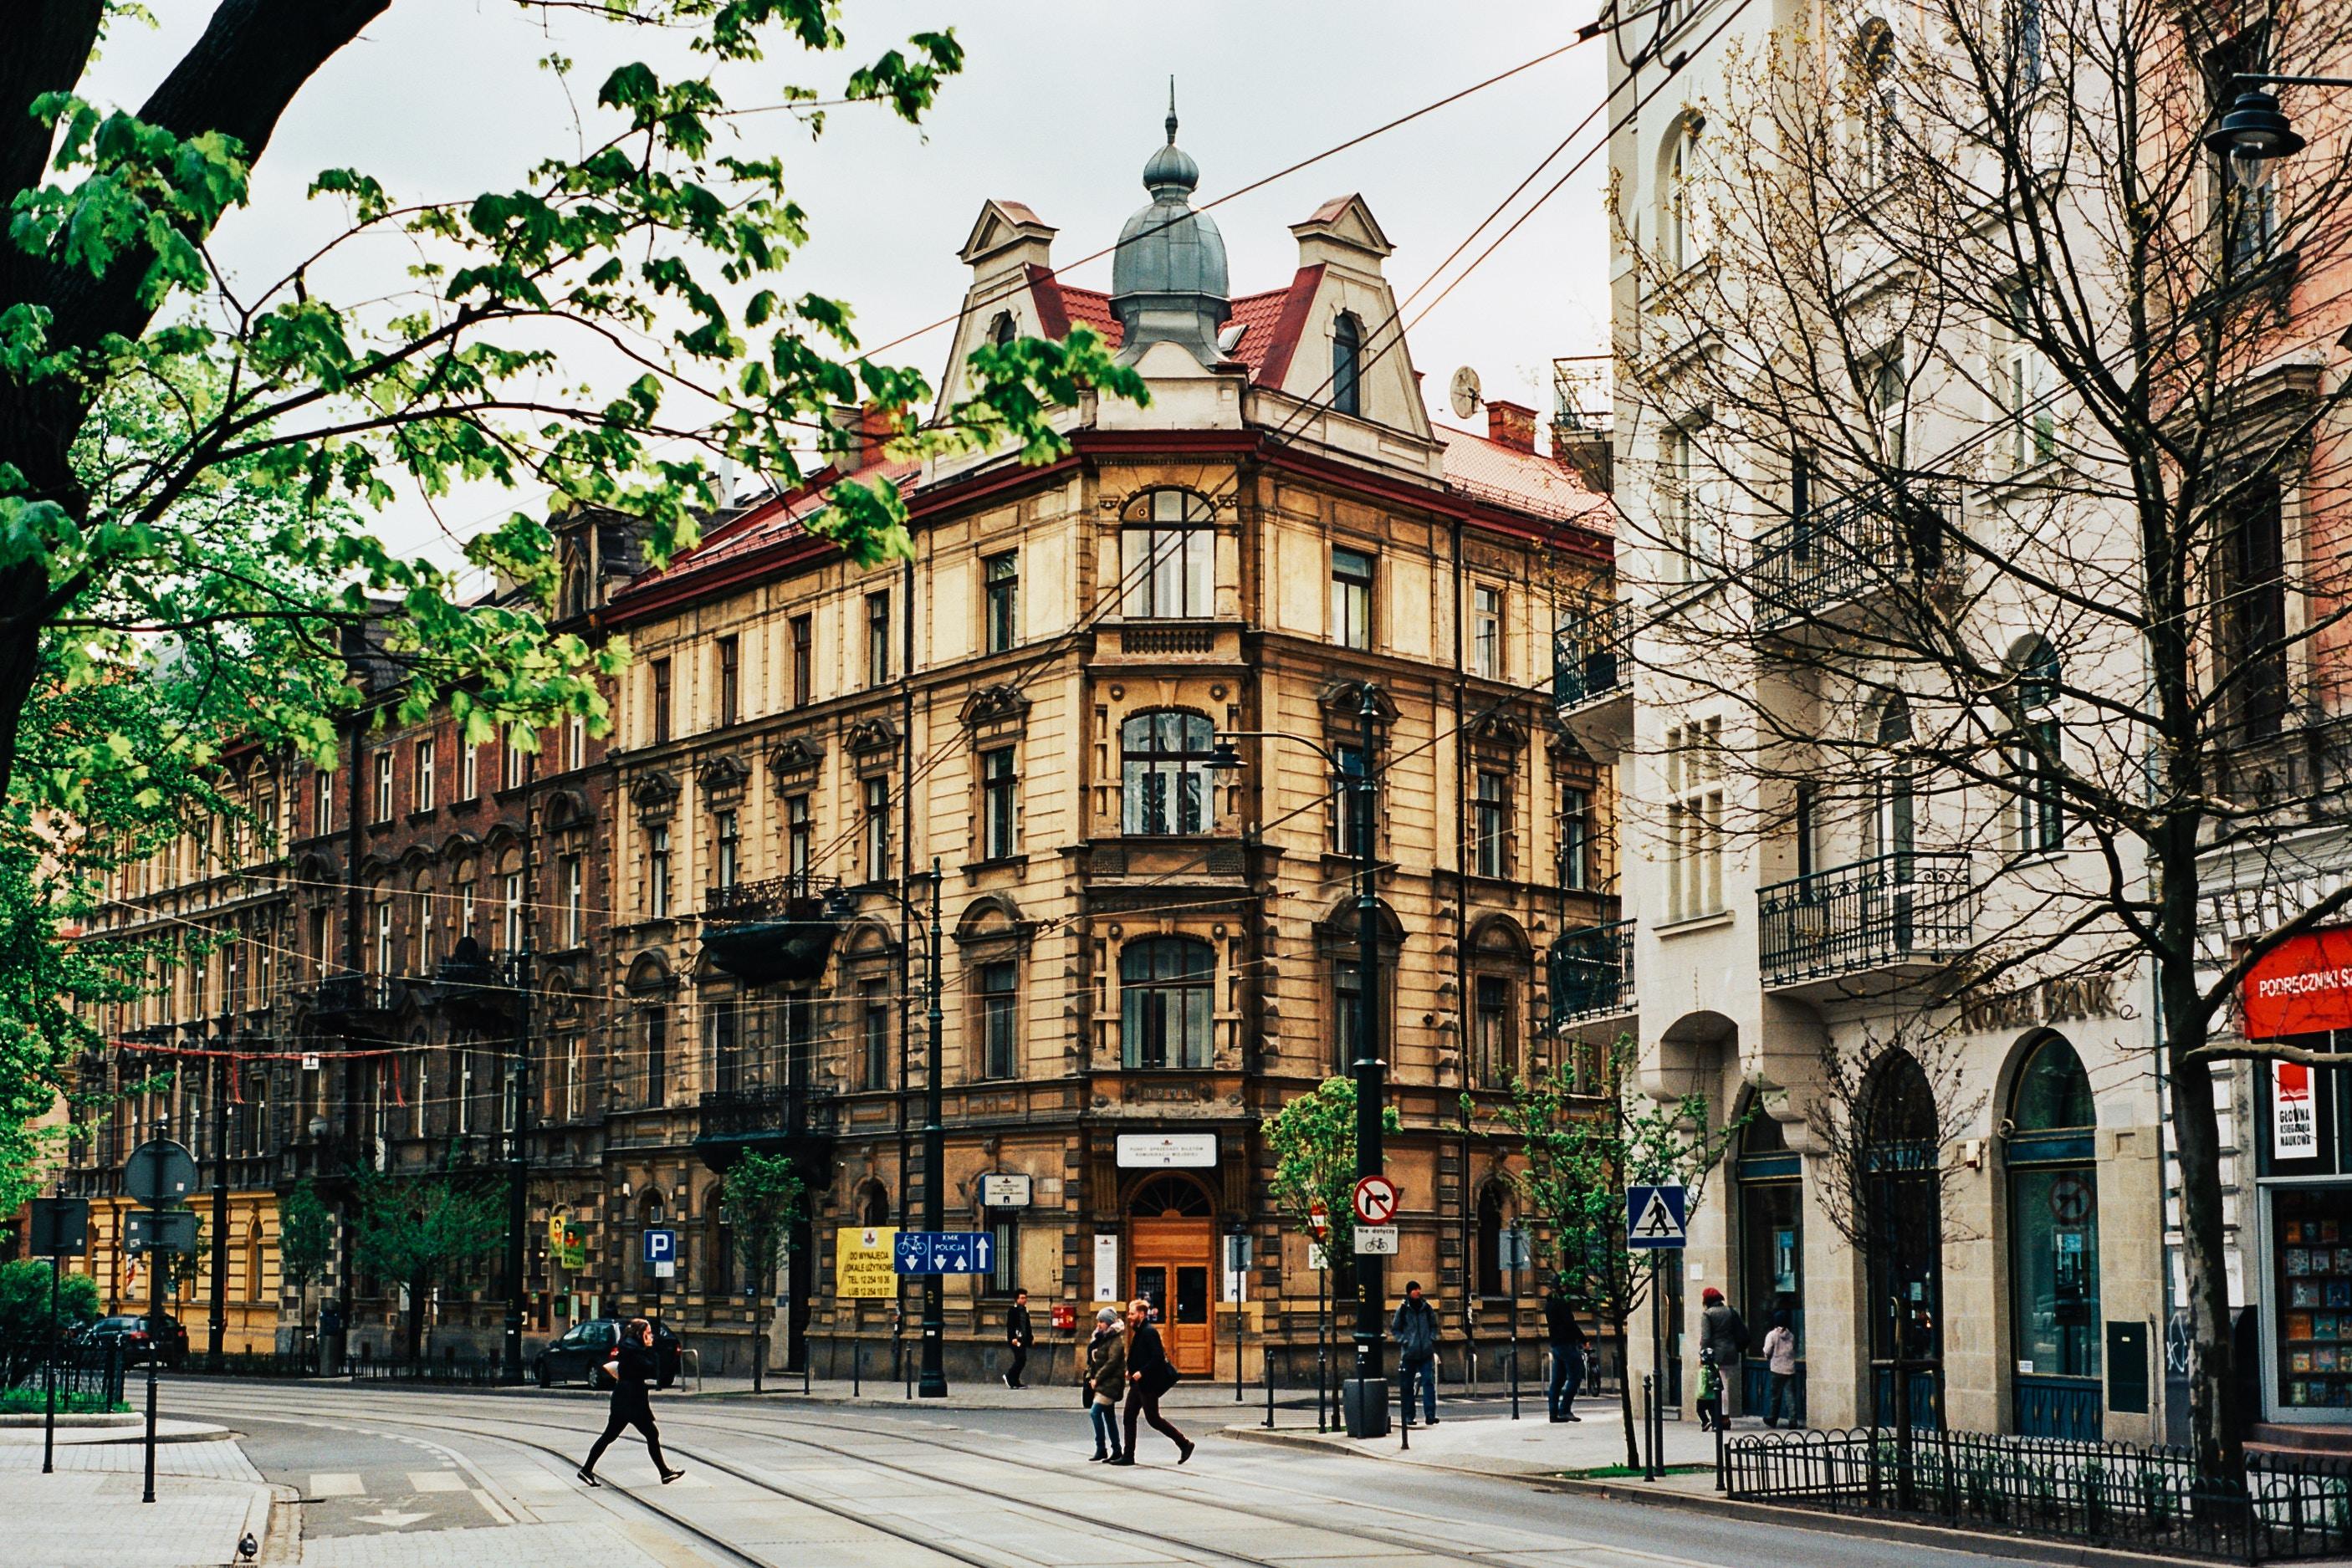 ポーランド・ヴロツワフ観光旅行の見どころ!世界遺産の行き方は?